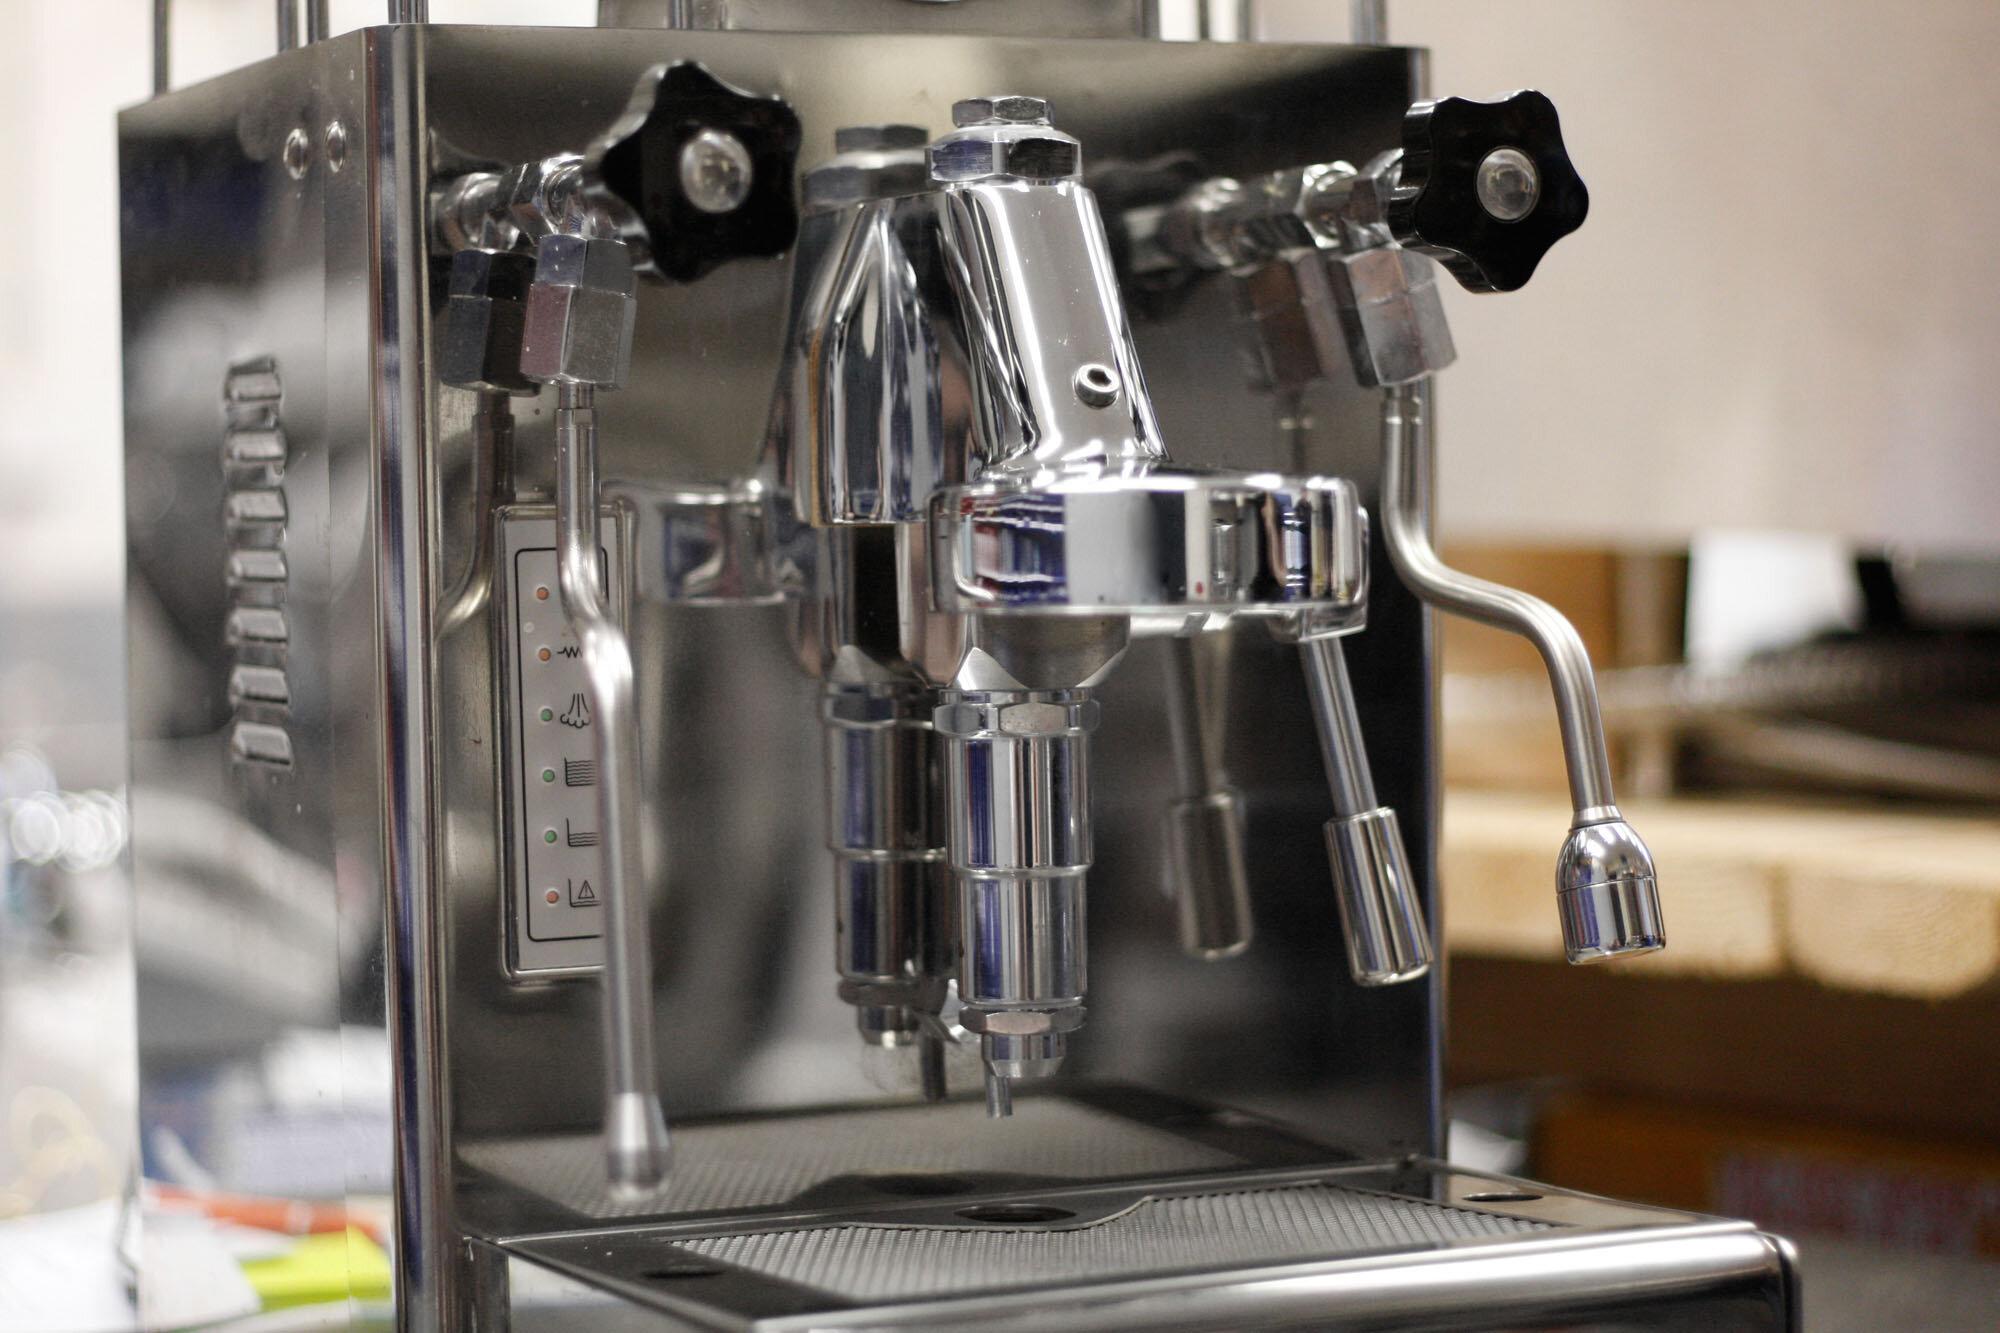 Hình ảnh của một chiếc Group Head trong máy pha cà phê